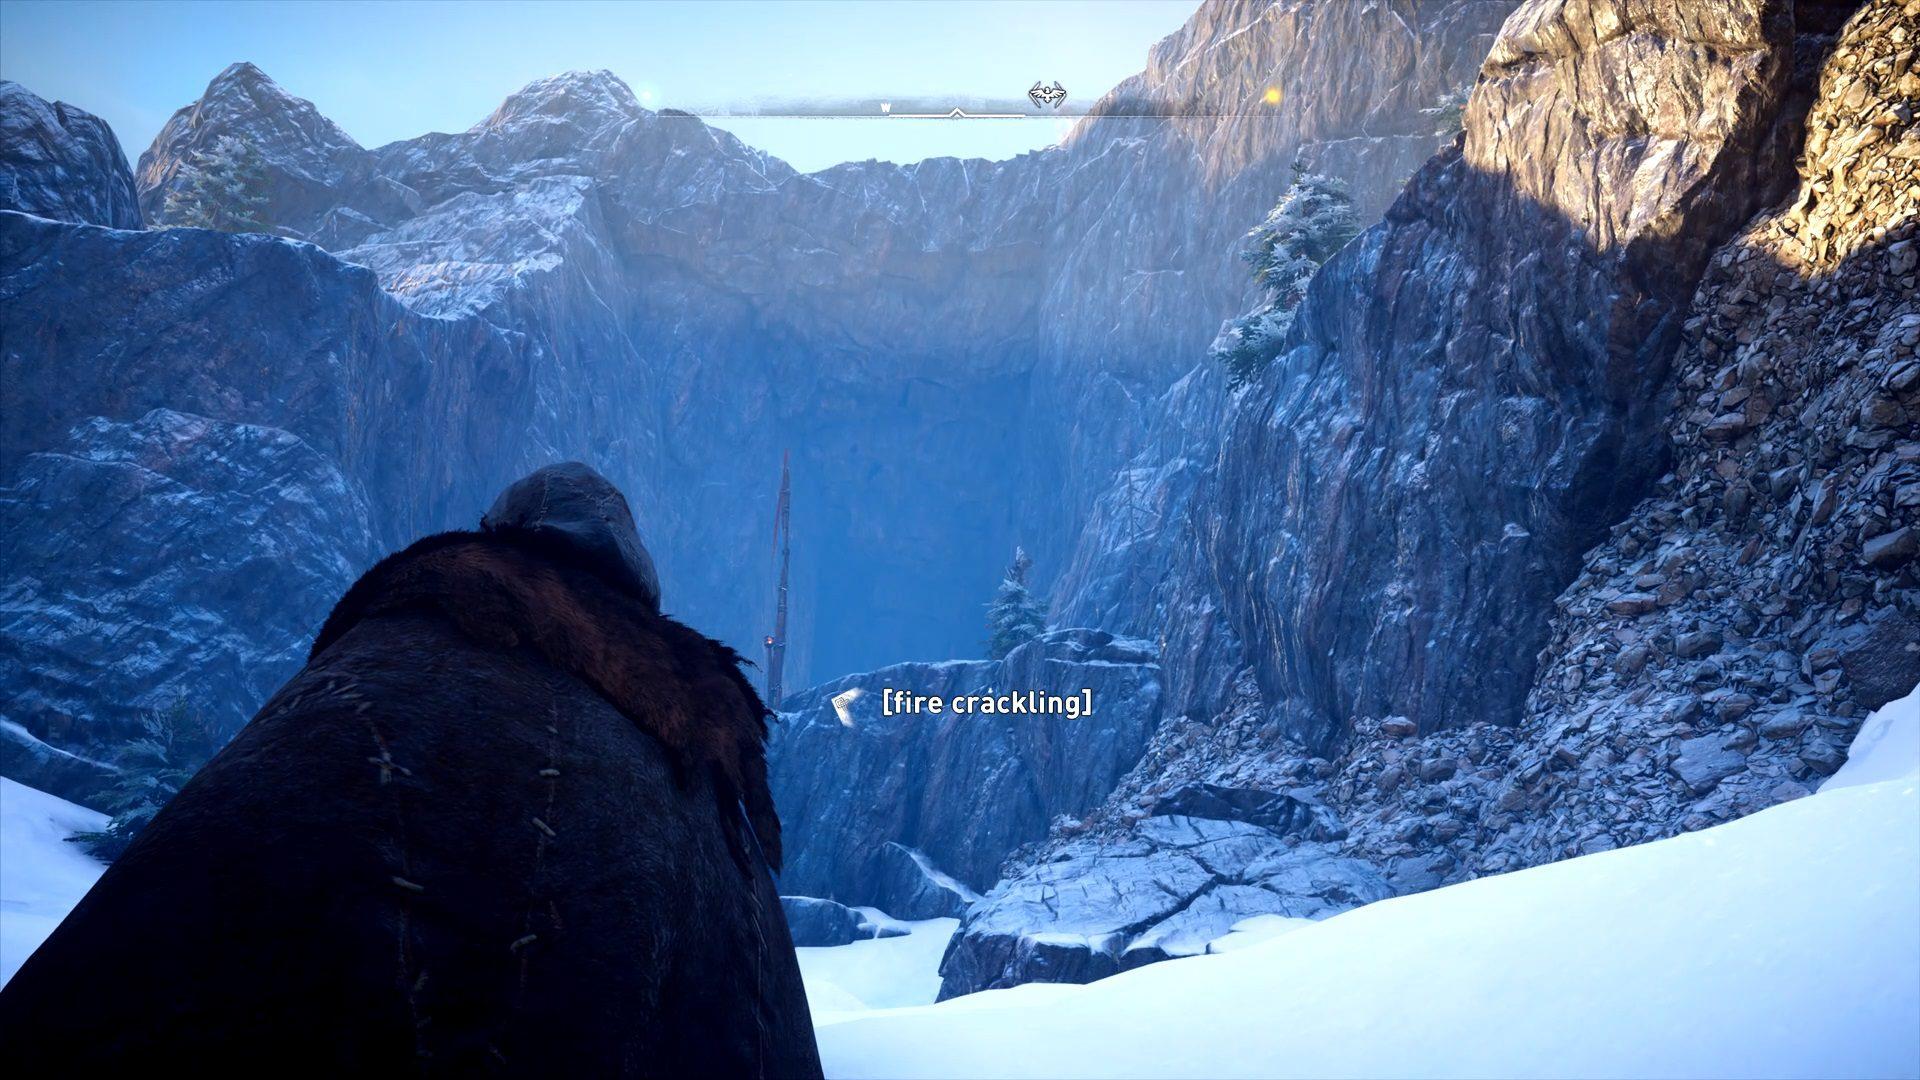 Assassin's Creed Valhalla Rygjafylke Treasure Cave